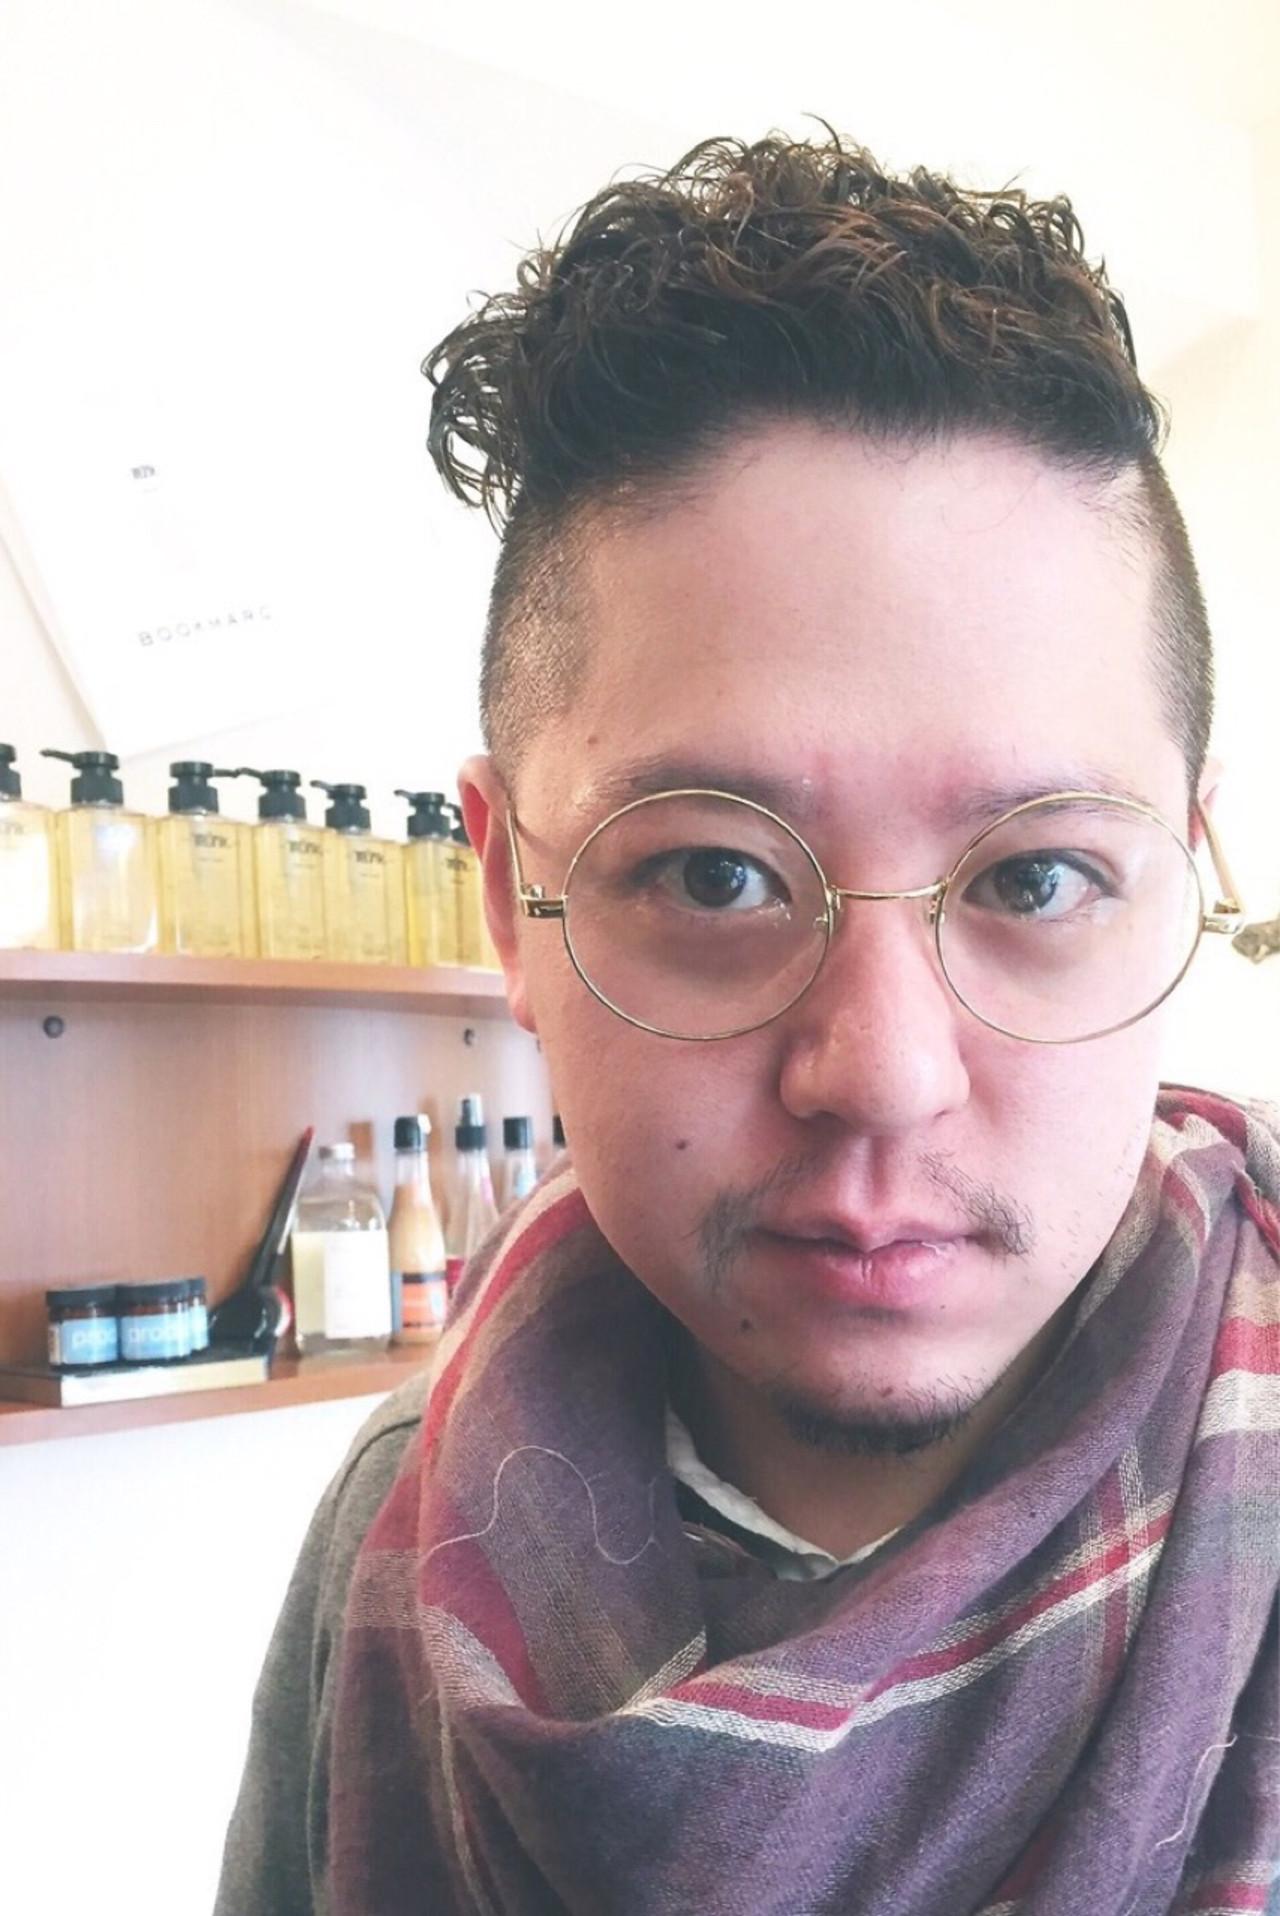 ボーイッシュ 坊主 メンズ モードヘアスタイルや髪型の写真・画像